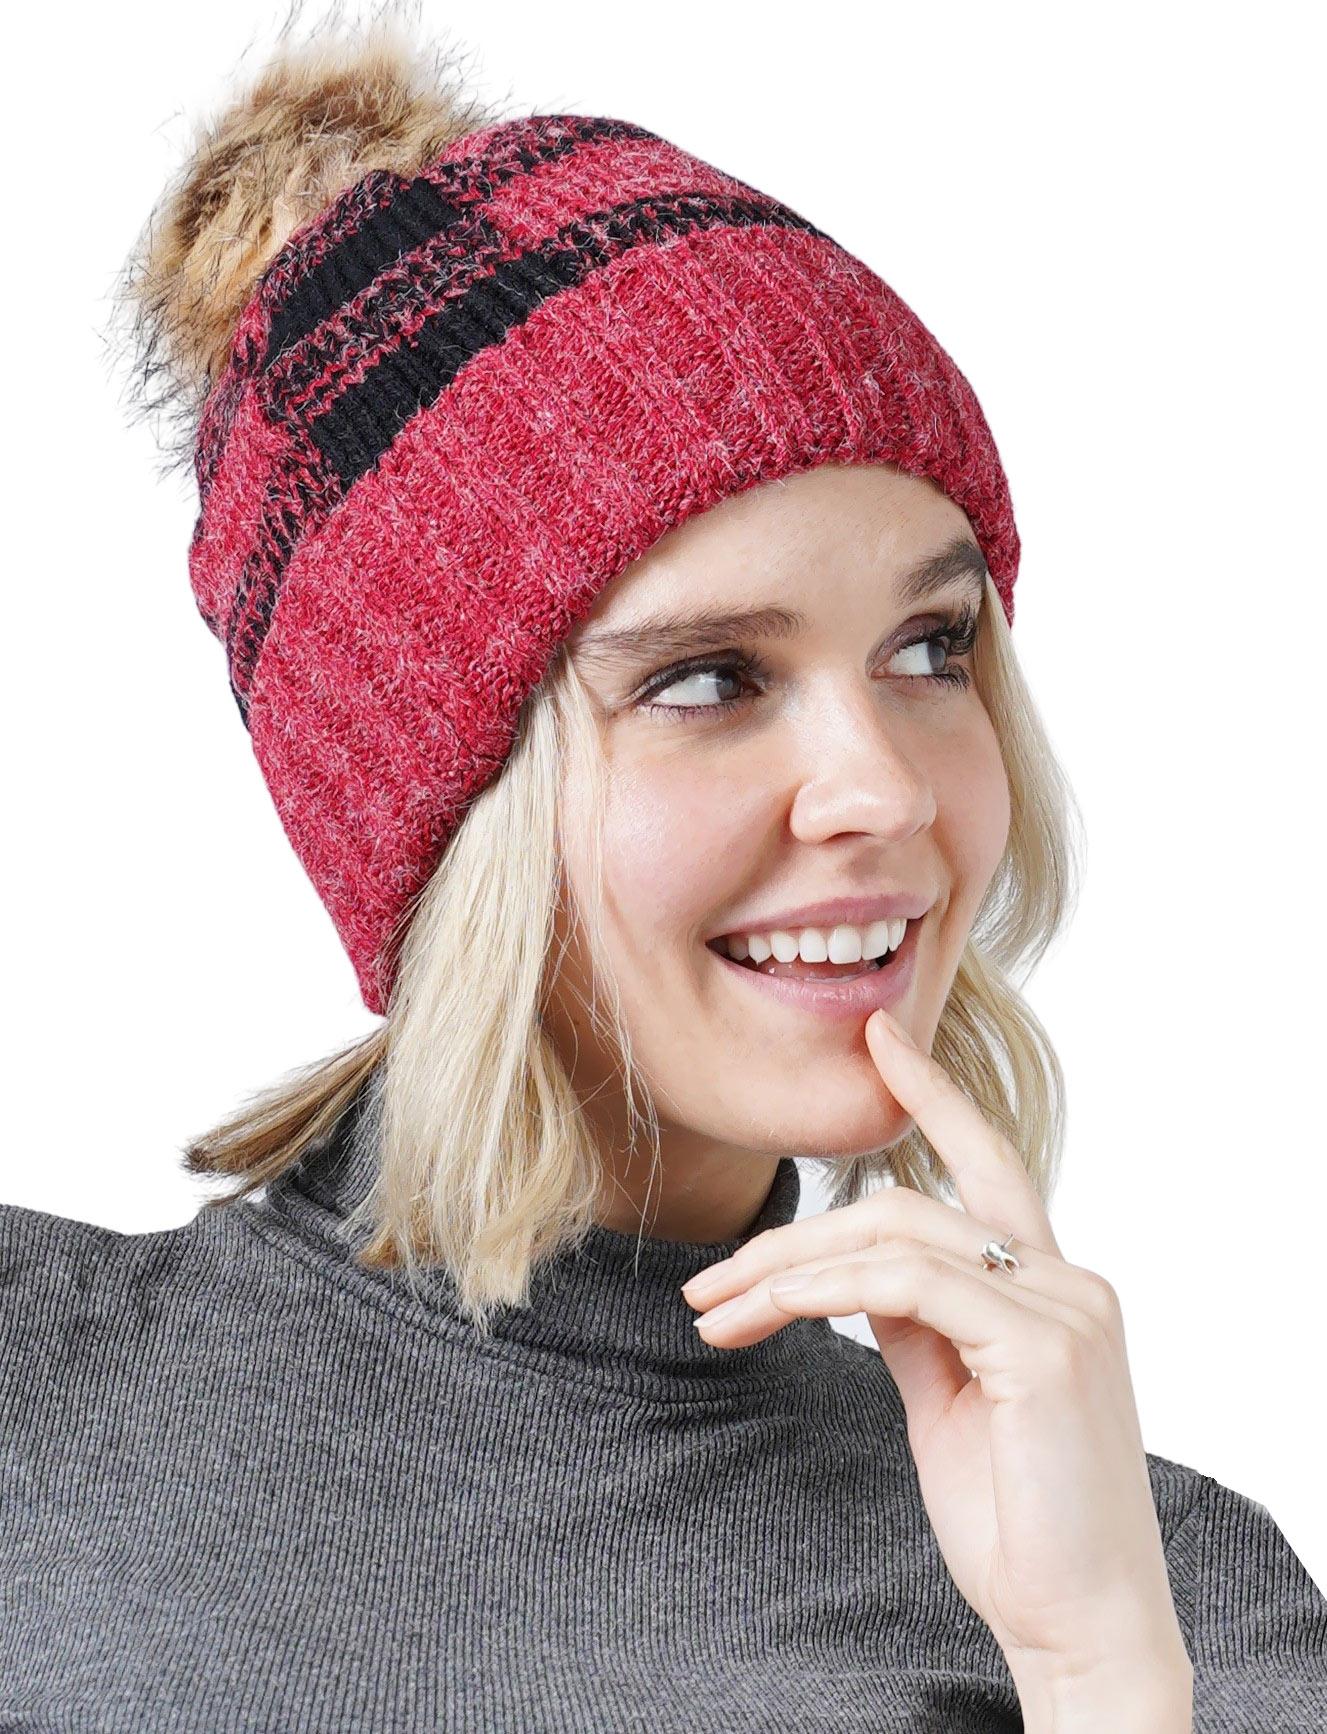 wholesale Knit Hat - Buffalo Check Pattern 8712